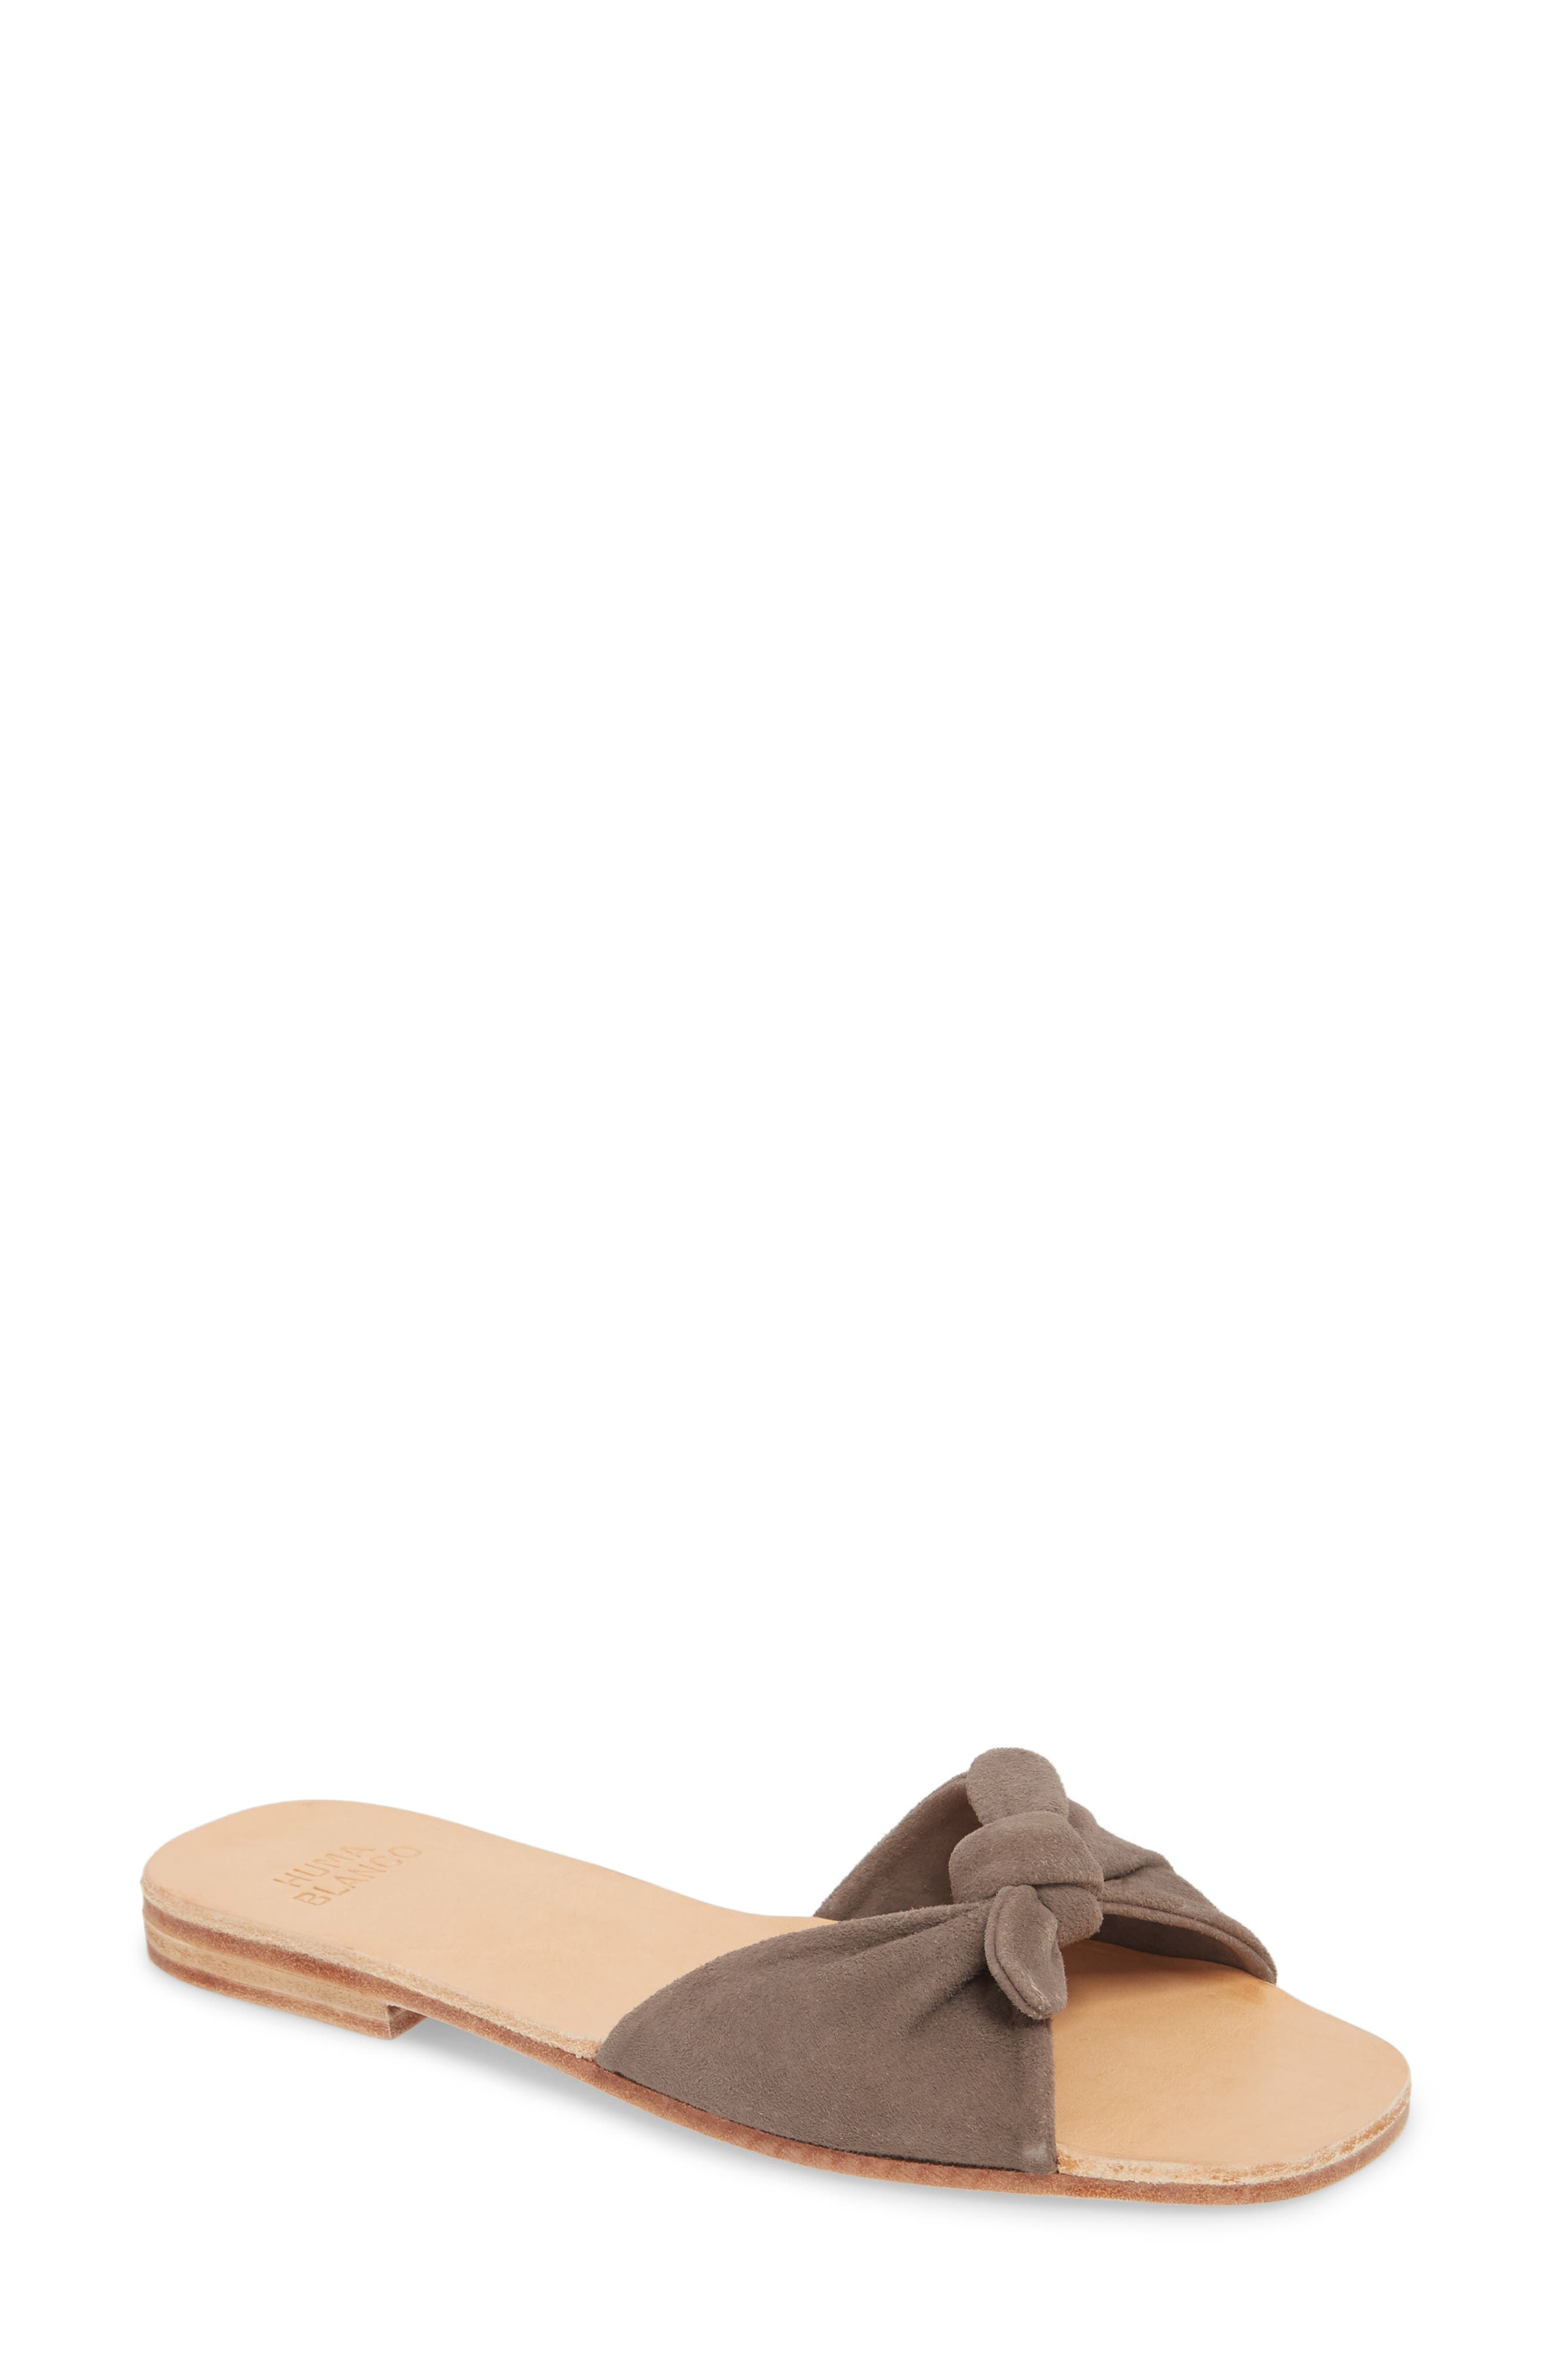 Huma Blanco Milan Slide Sandal, Grey